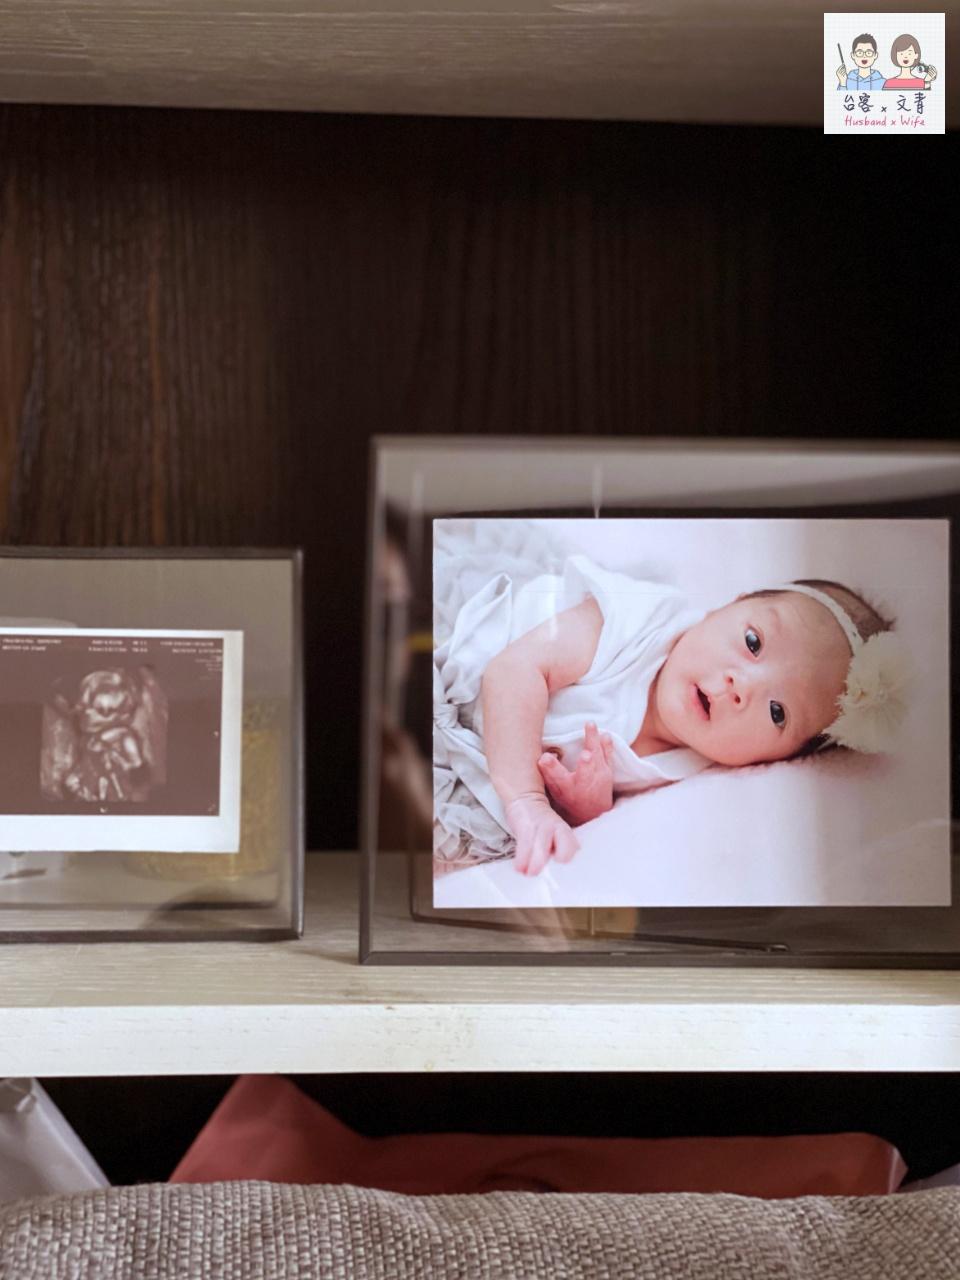 【育兒⋈生活】在家也能拍出攝影棚質感的抓周寫真!女鵝抓周紀錄和流程分享 @台客X文青的夫婦日常